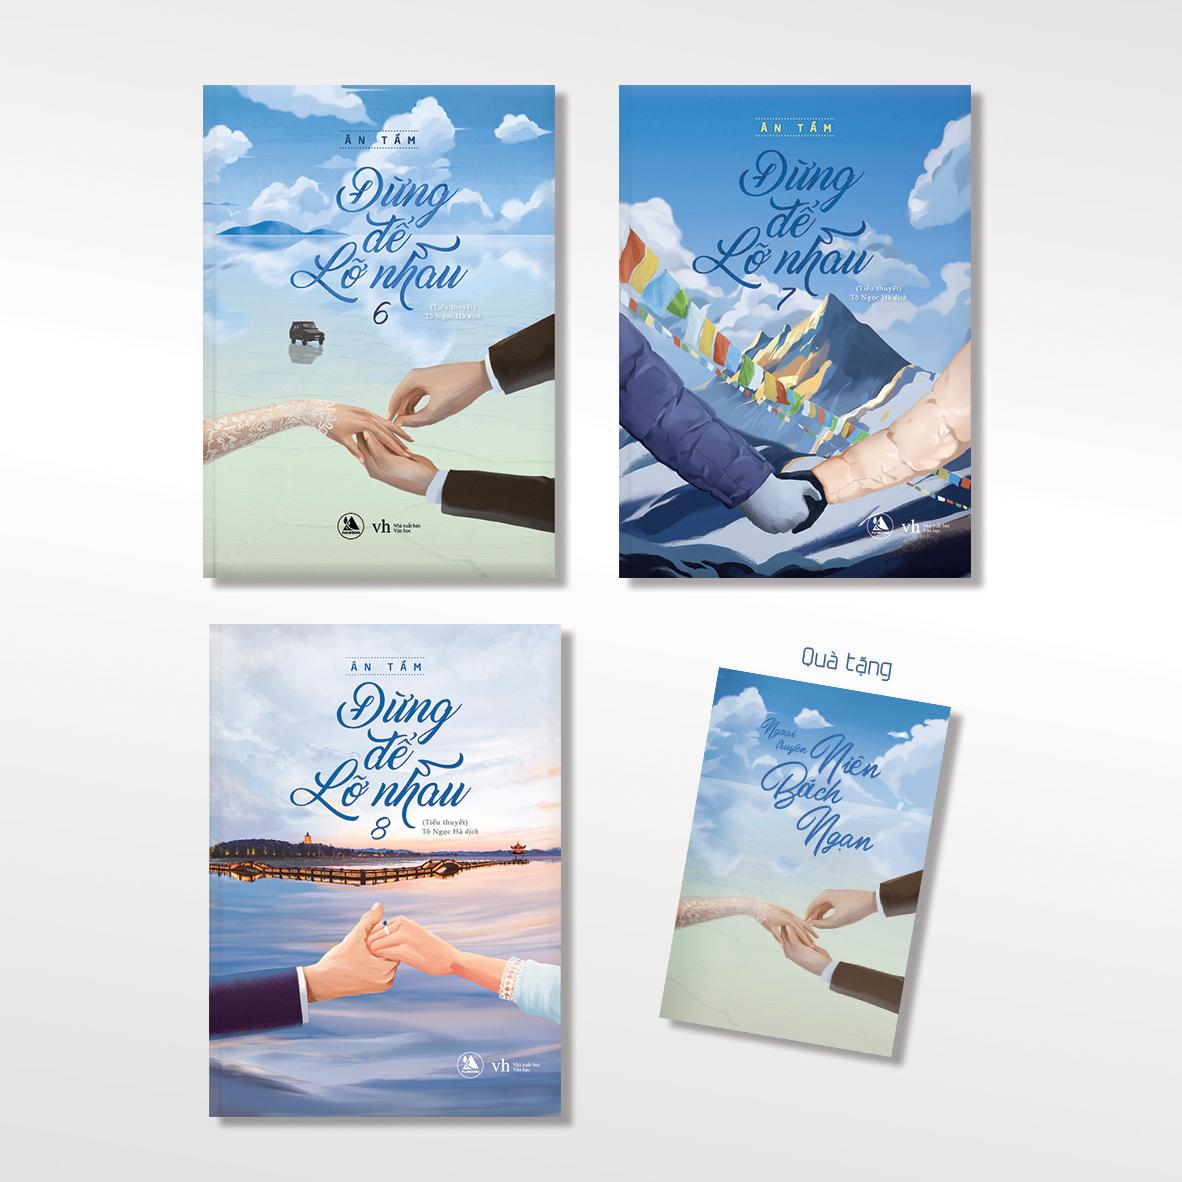 Đừng Để Lỡ Nhau (Tập 6 + 7 + 8) - Tặng Kèm Sổ Ngoại Truyện